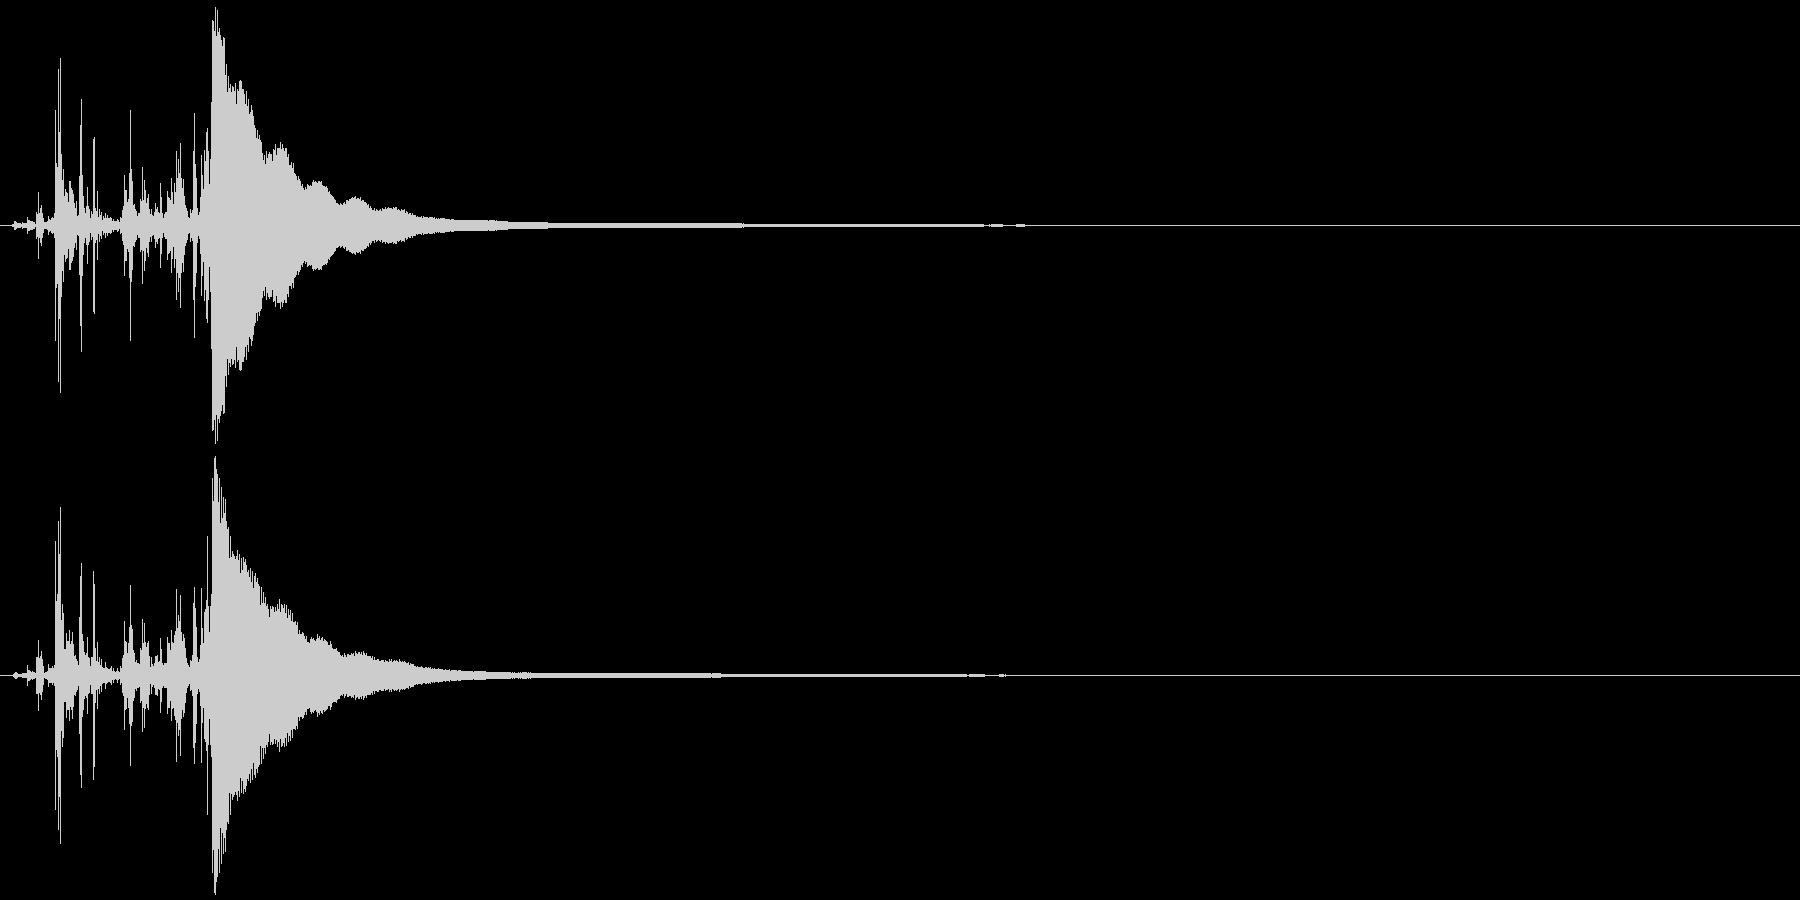 レジの音(高め)カシャッ チーンの未再生の波形